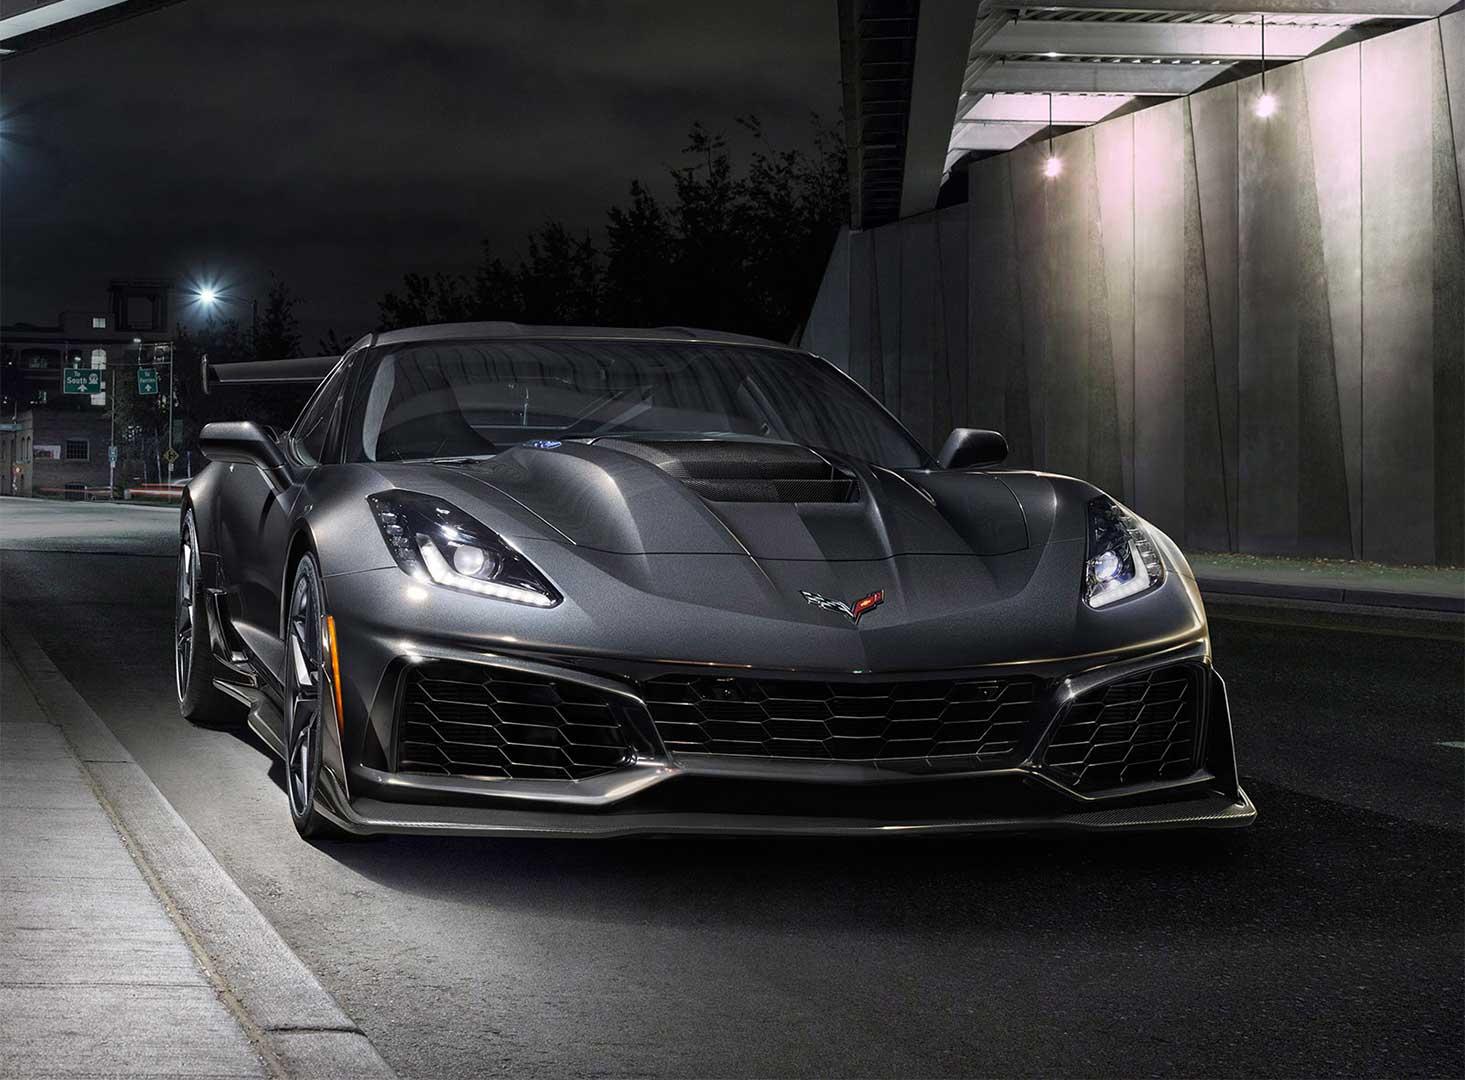 مدل جدید کوروت هیولایی است که لباسی از فلز و فیبر کربن به تن کرده. با دارا بودن موتوری ۶.۲ لیتری به شکل V8 که قدرتی معادل ۷۵۵ اسب بخار تولید میکند